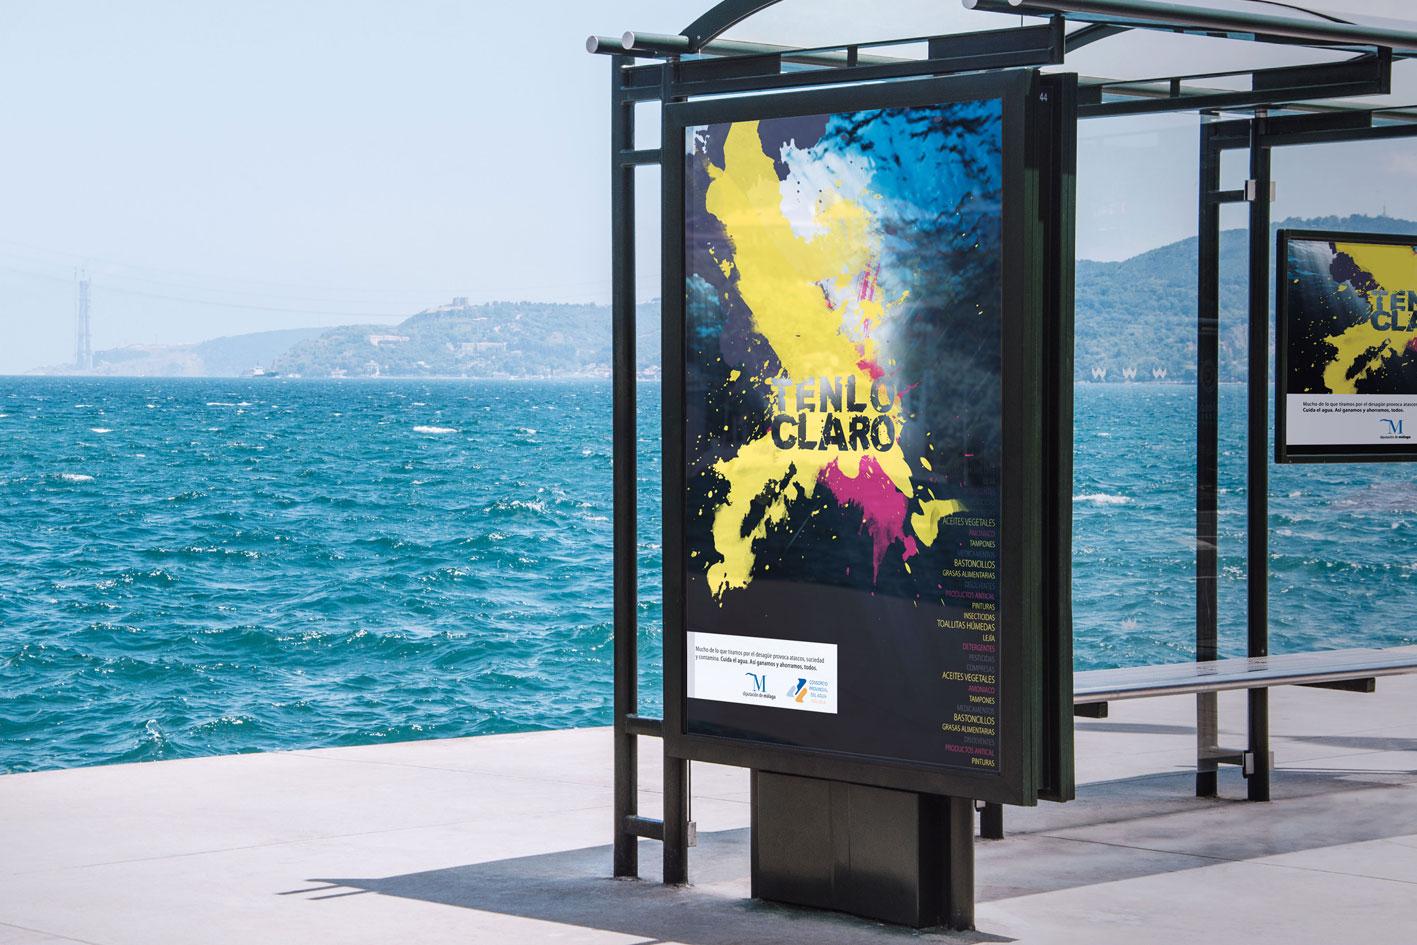 marquesina Poster tenlo claro campaña Málaga por Blanco Ruso